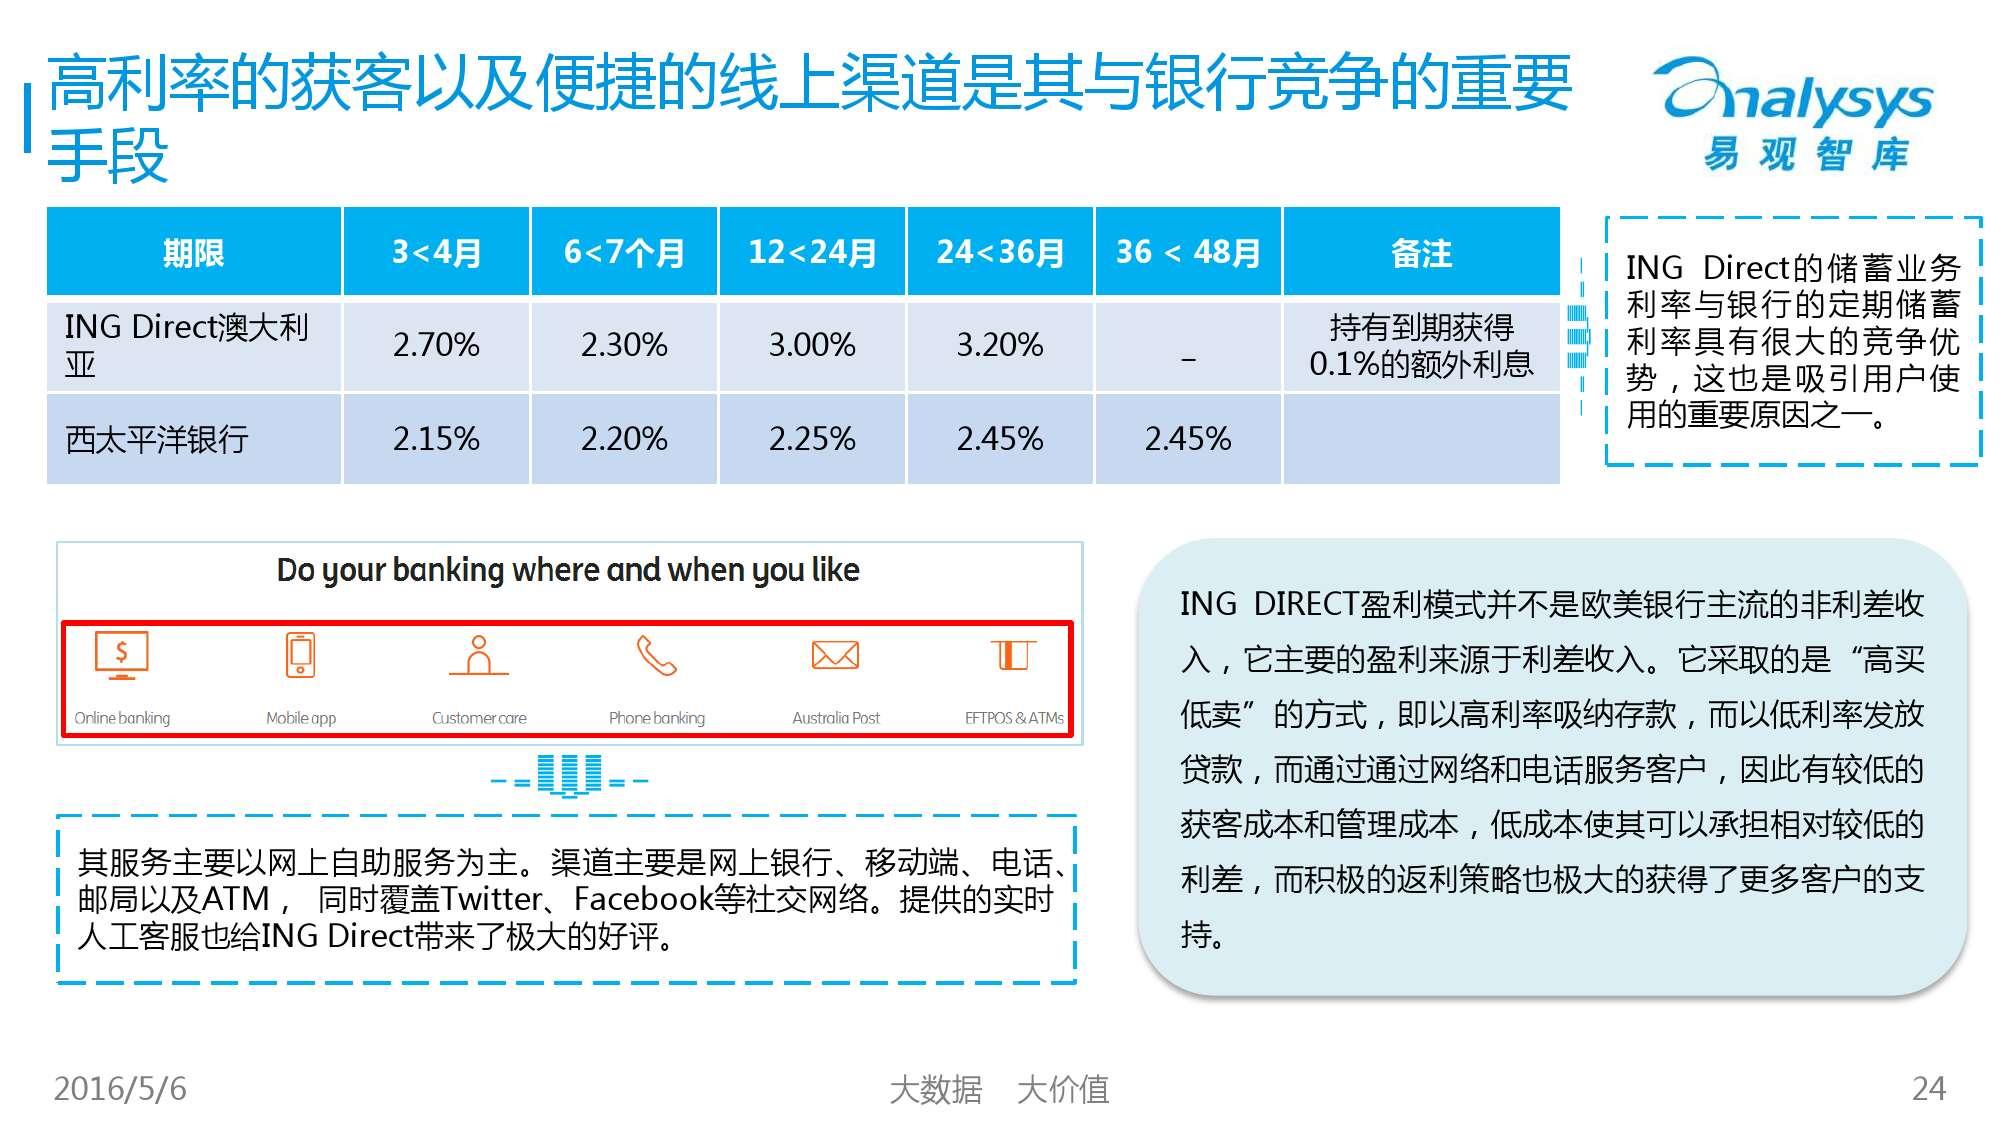 2016年中国直销银行市场专题研究报告_000024